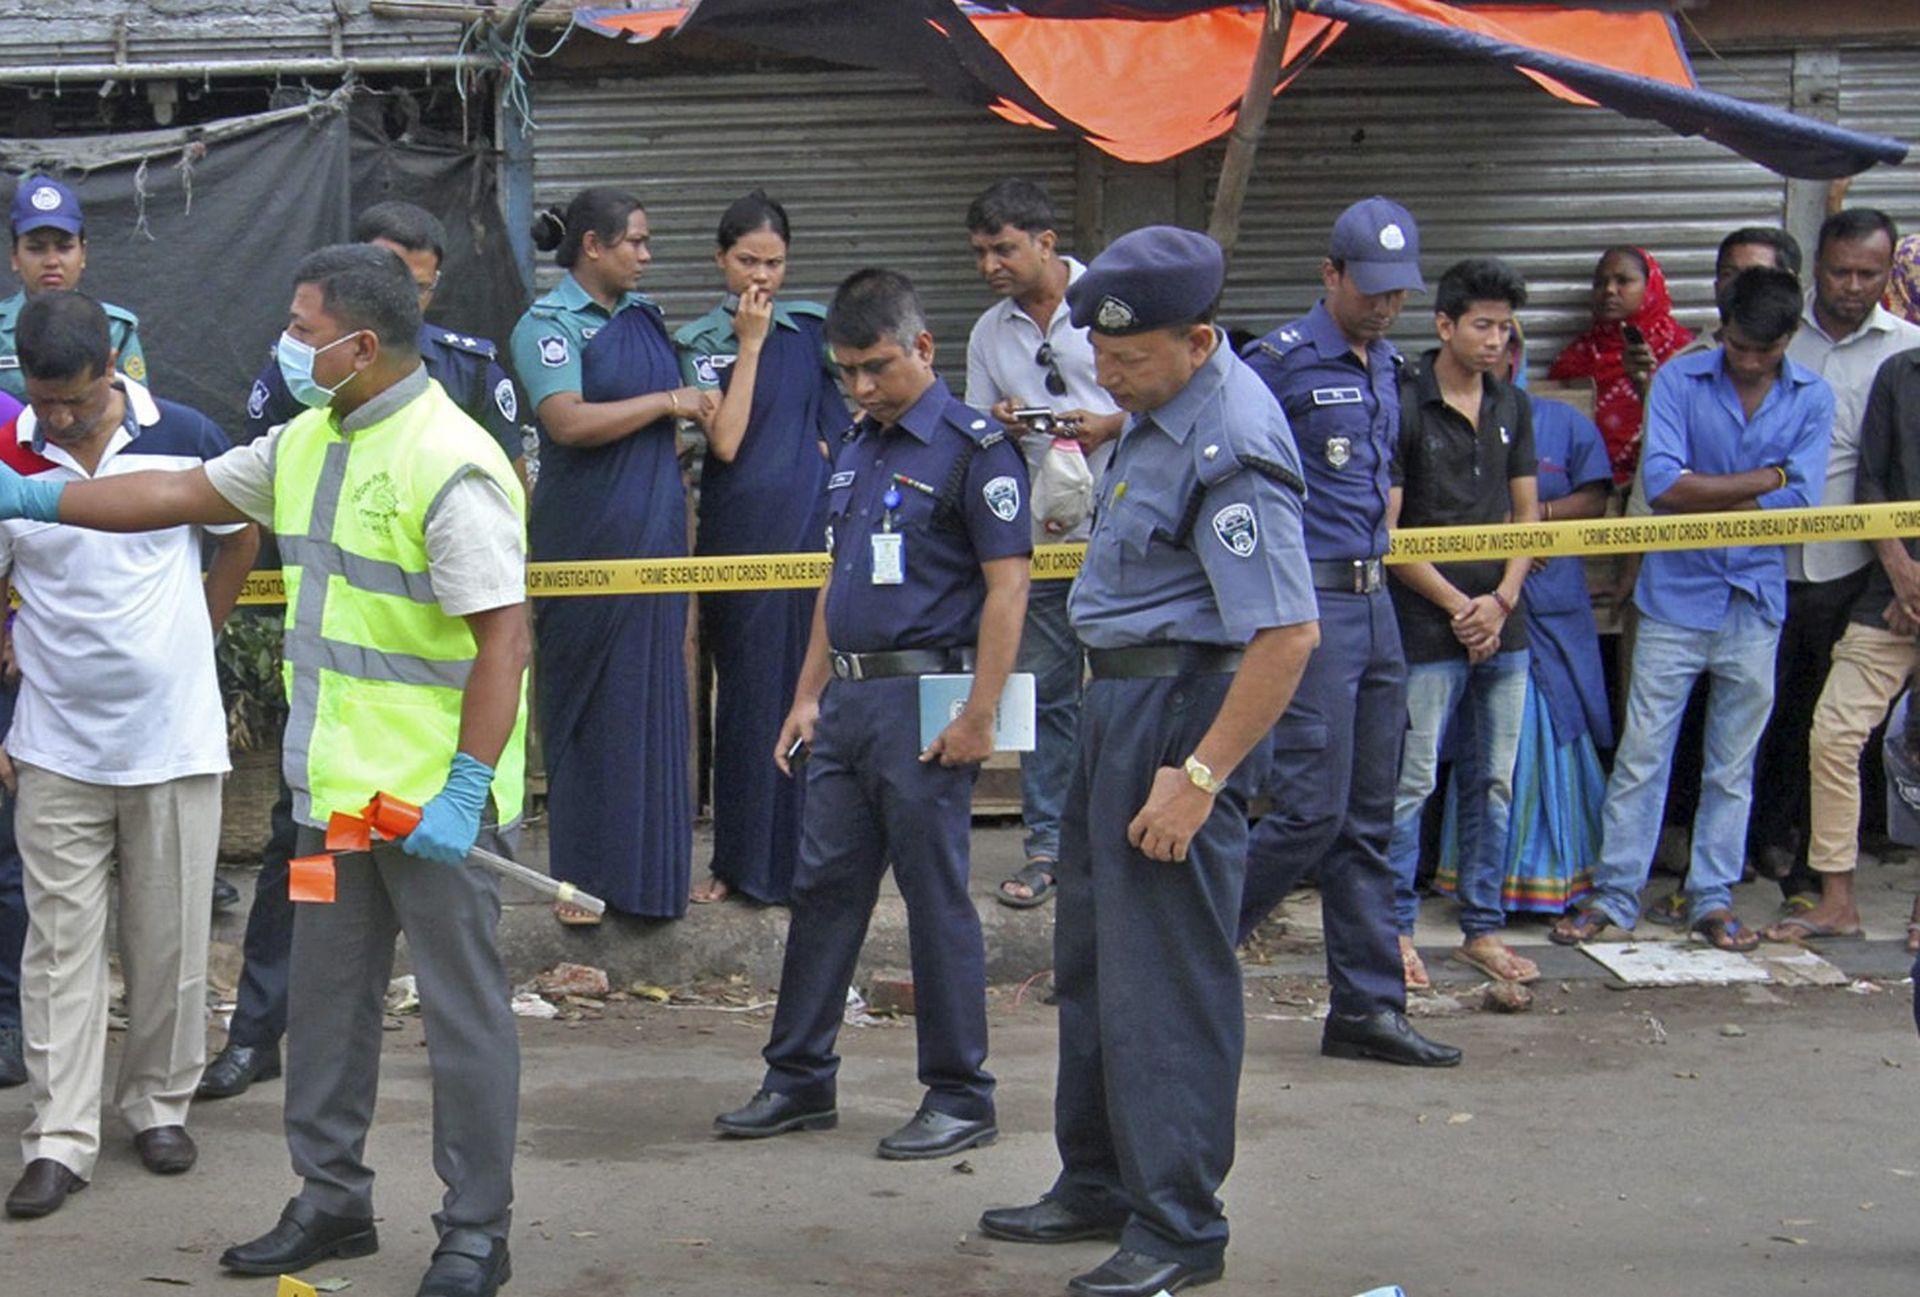 BANGLADEŠ U policijskim racijama ubijeno 11 osumnjičenih militanata